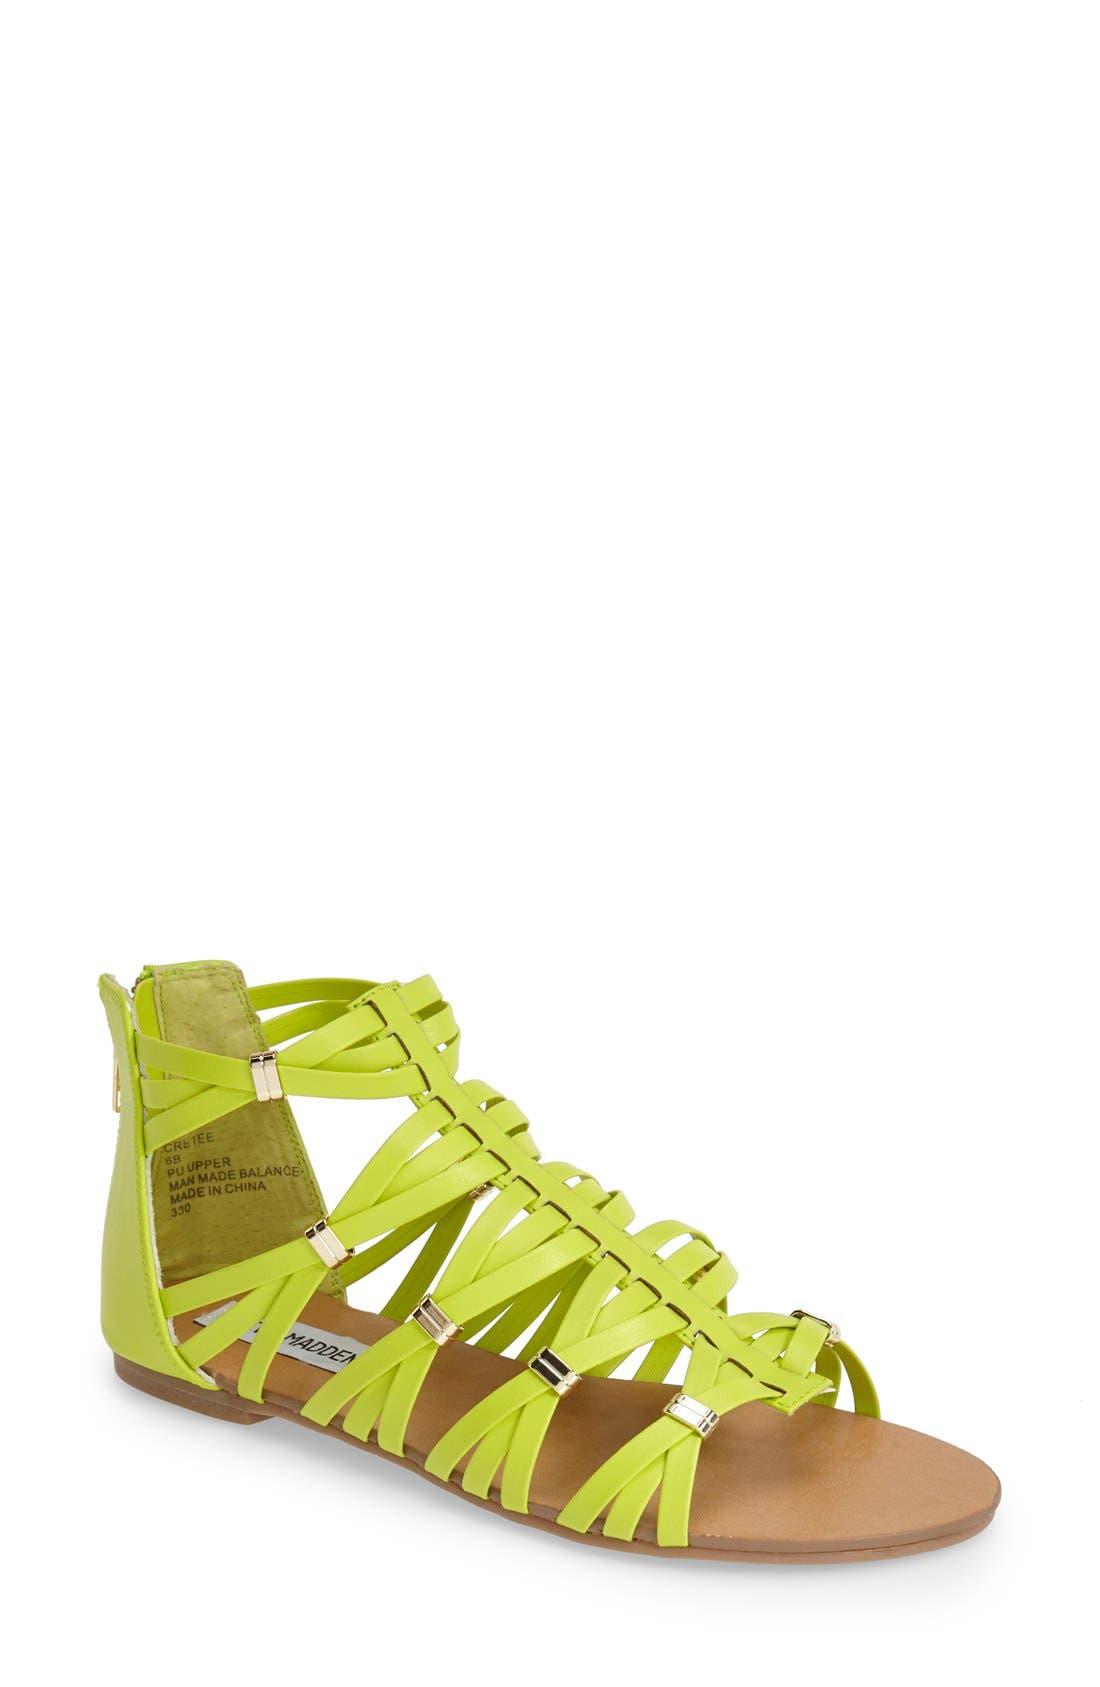 Main Image - Steve Madden 'Cretee' Strappy Gladiator Sandal (Women)